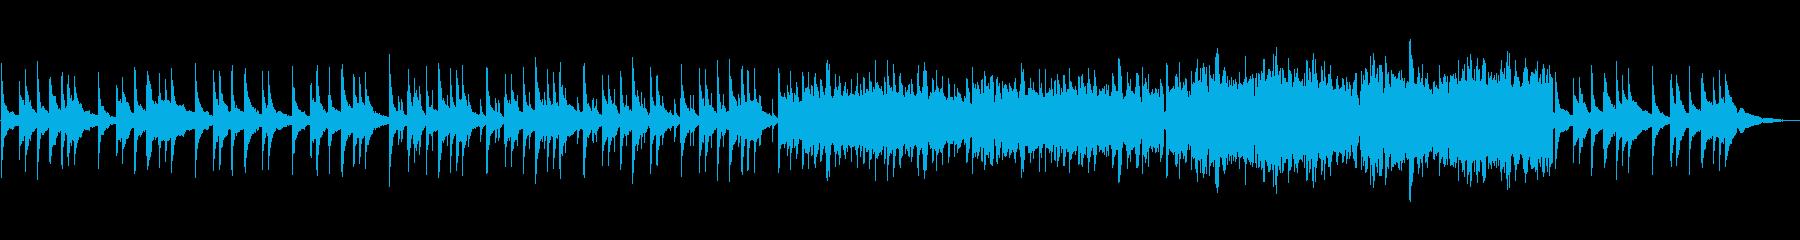 老舗旅館の和風音楽の再生済みの波形